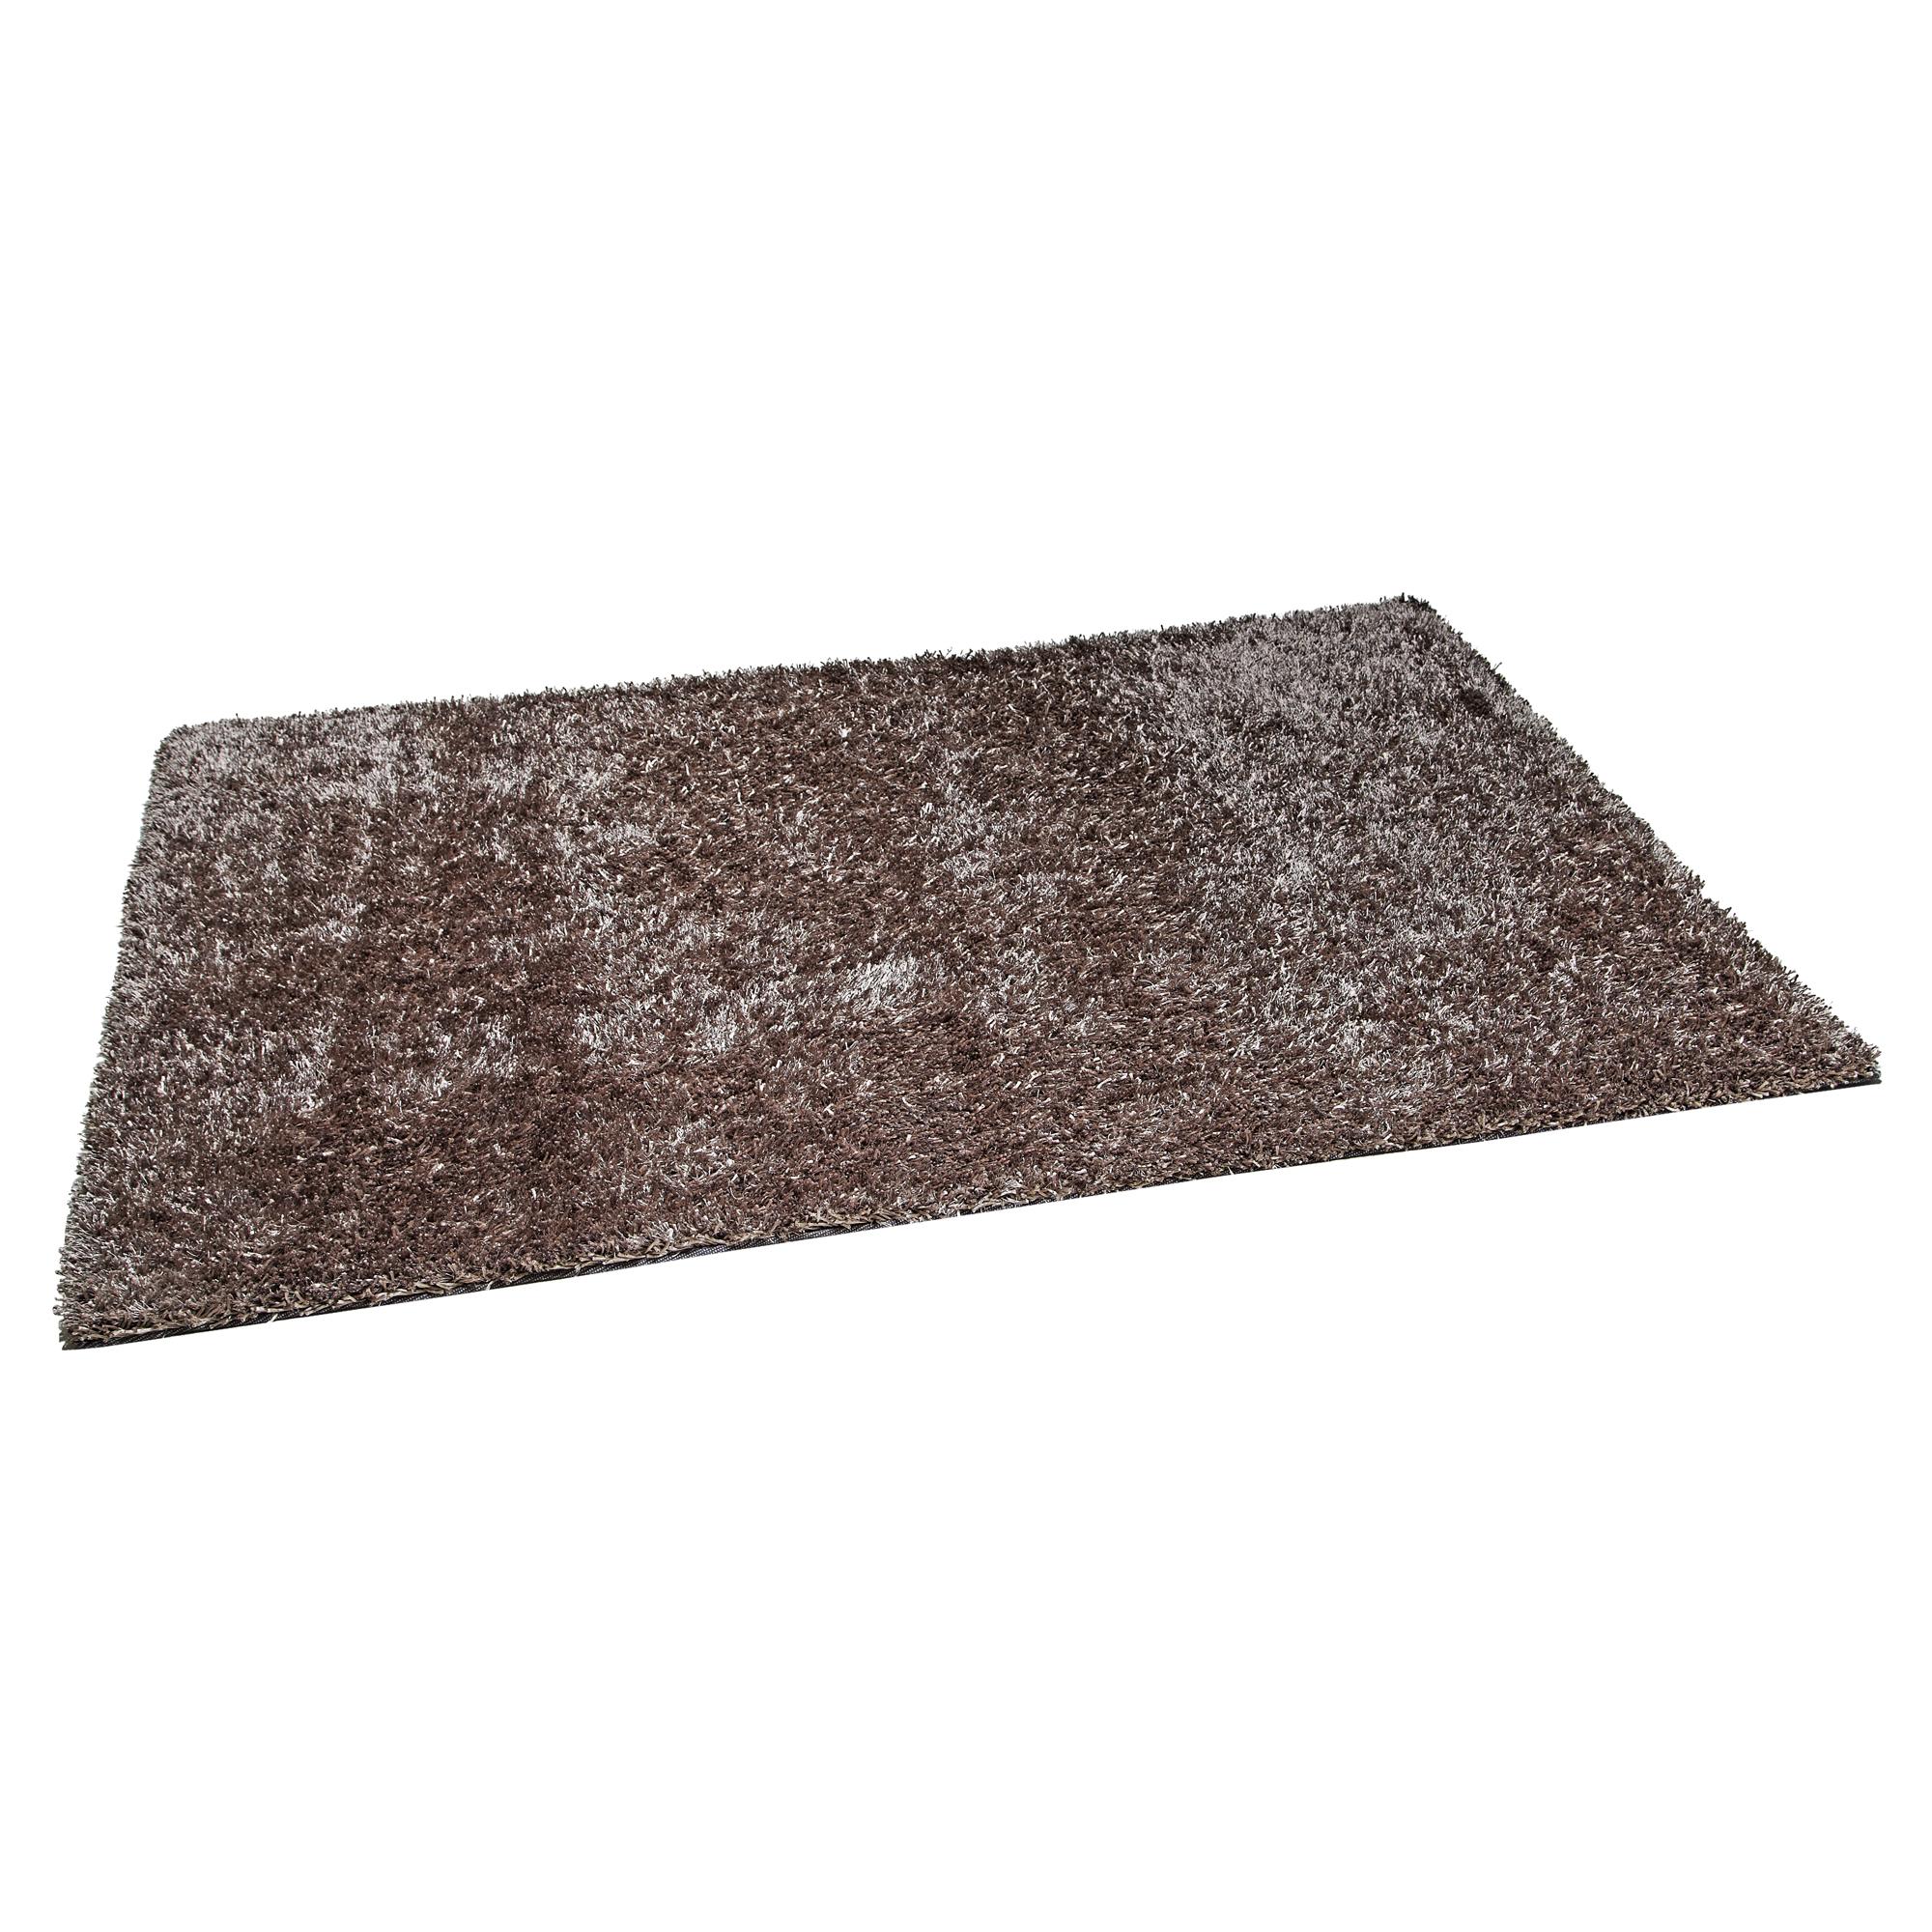 schwarzer teppich meterware best autoteppich velour schwarz leicht meterware oldtimer jungtimer. Black Bedroom Furniture Sets. Home Design Ideas